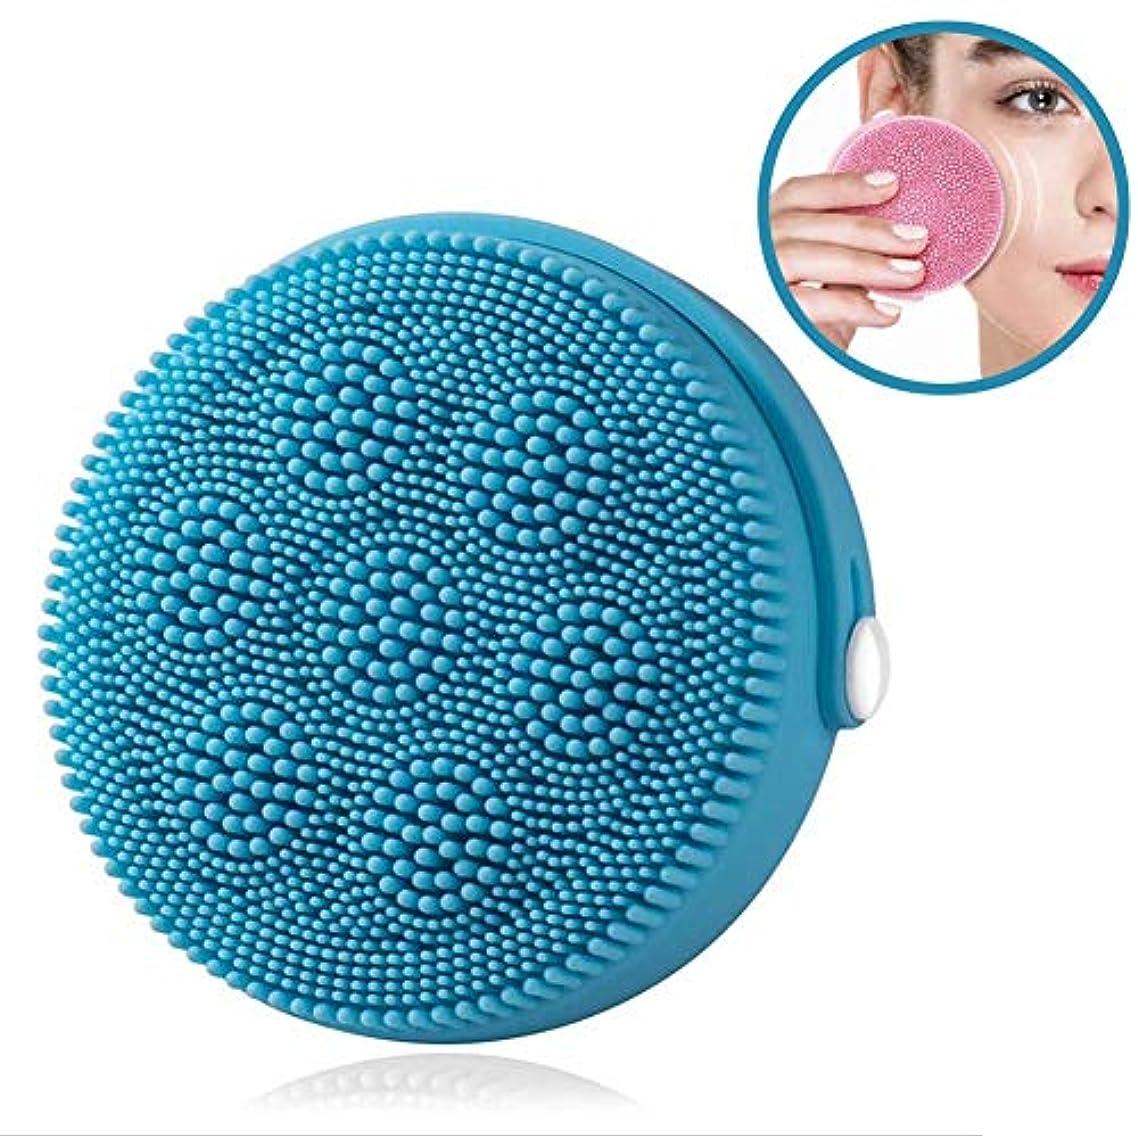 深さ定規箱電動洗顔ブラシ - USB 充電 携帯用電動シリコンフェイスクレンジングブラシ 6速メモリモード 全身防水 洗浄機毛穴クリーナーホーム顔美容機器ホーム